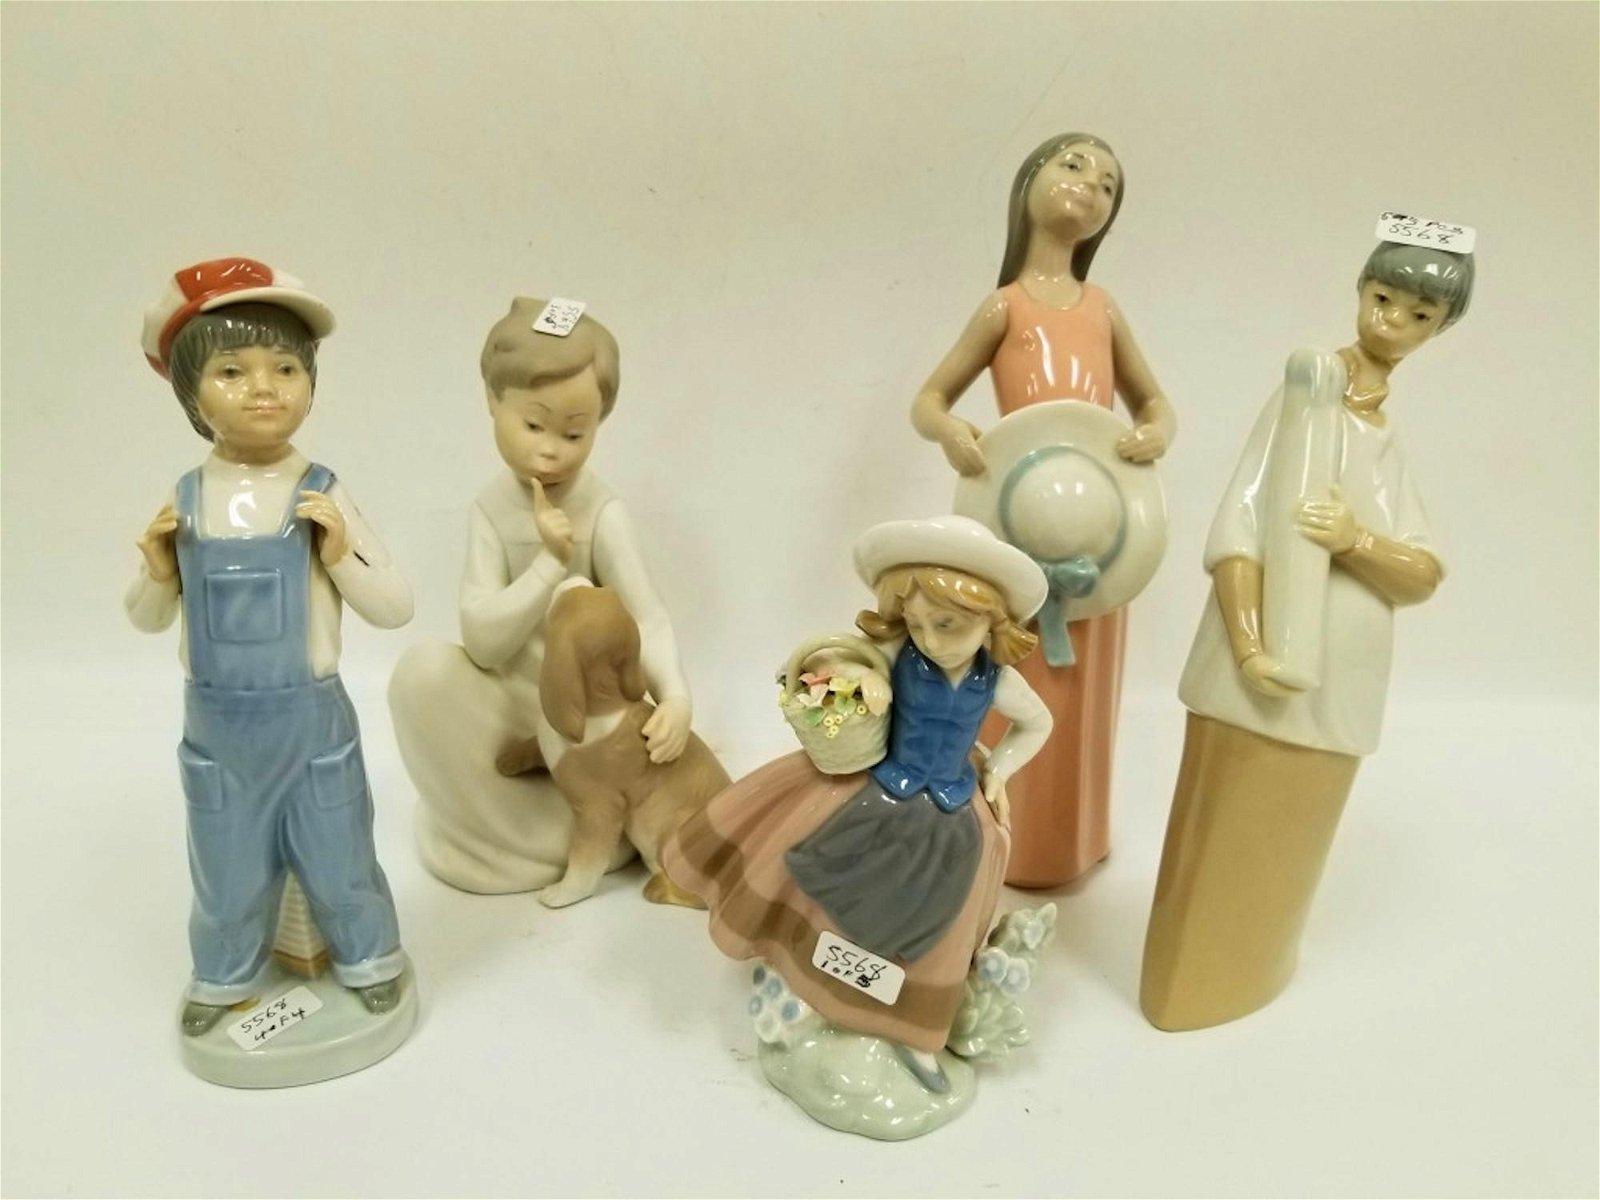 5 Lladro Figures of Children